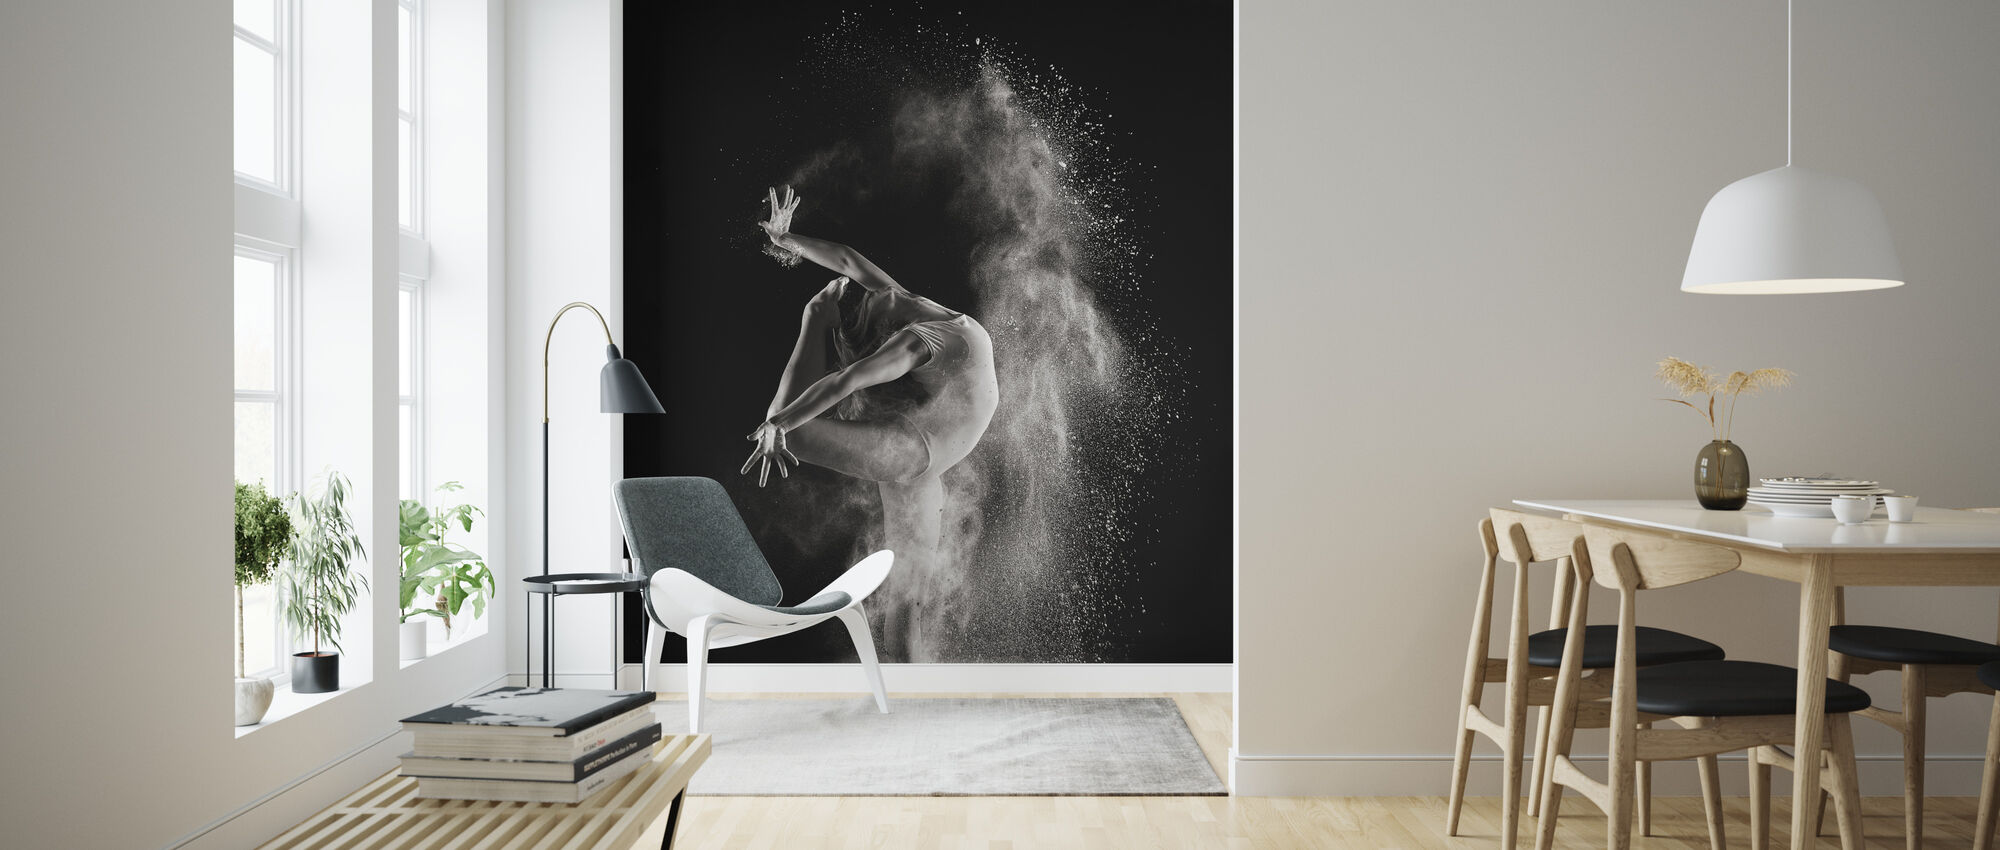 In the light - Wallpaper - Living Room